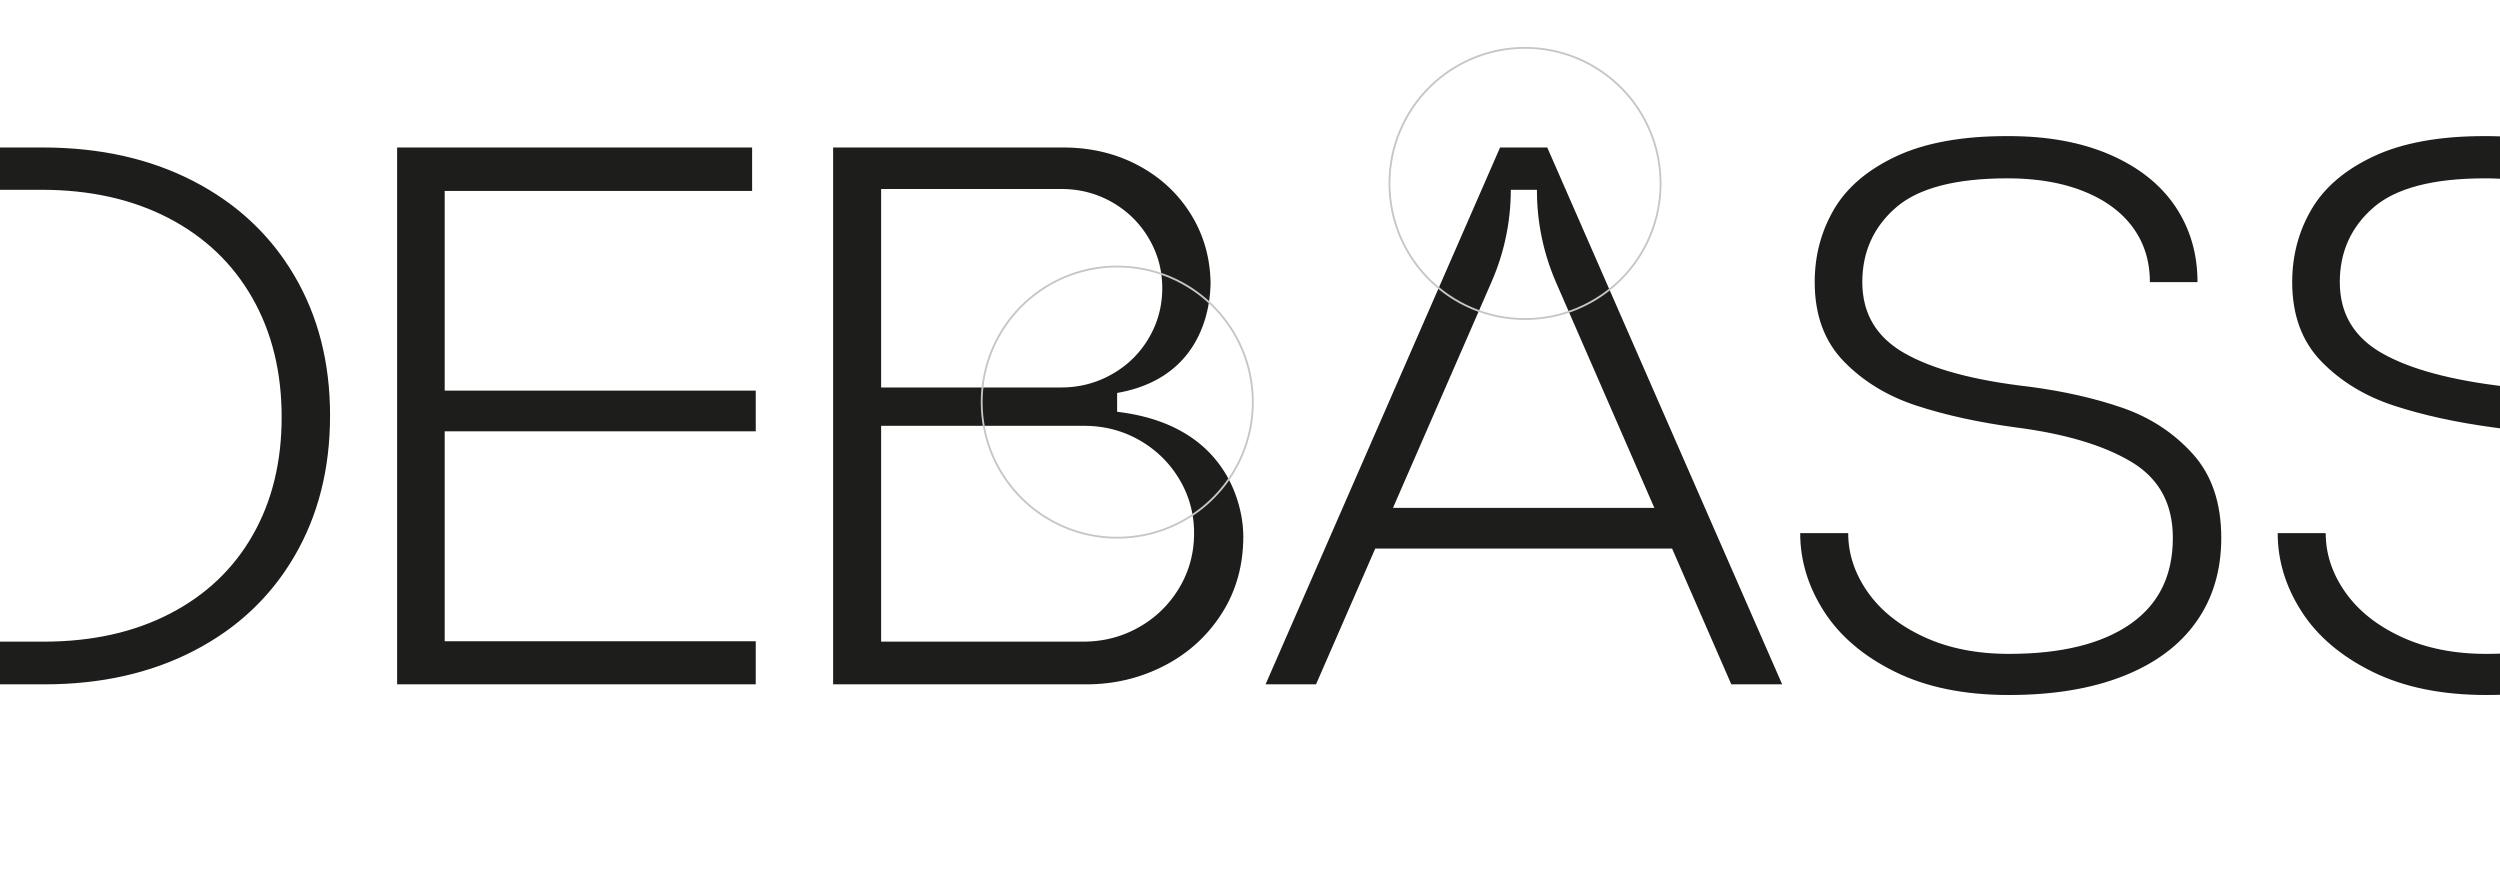 DEBASS—Presentazione-progetto_04